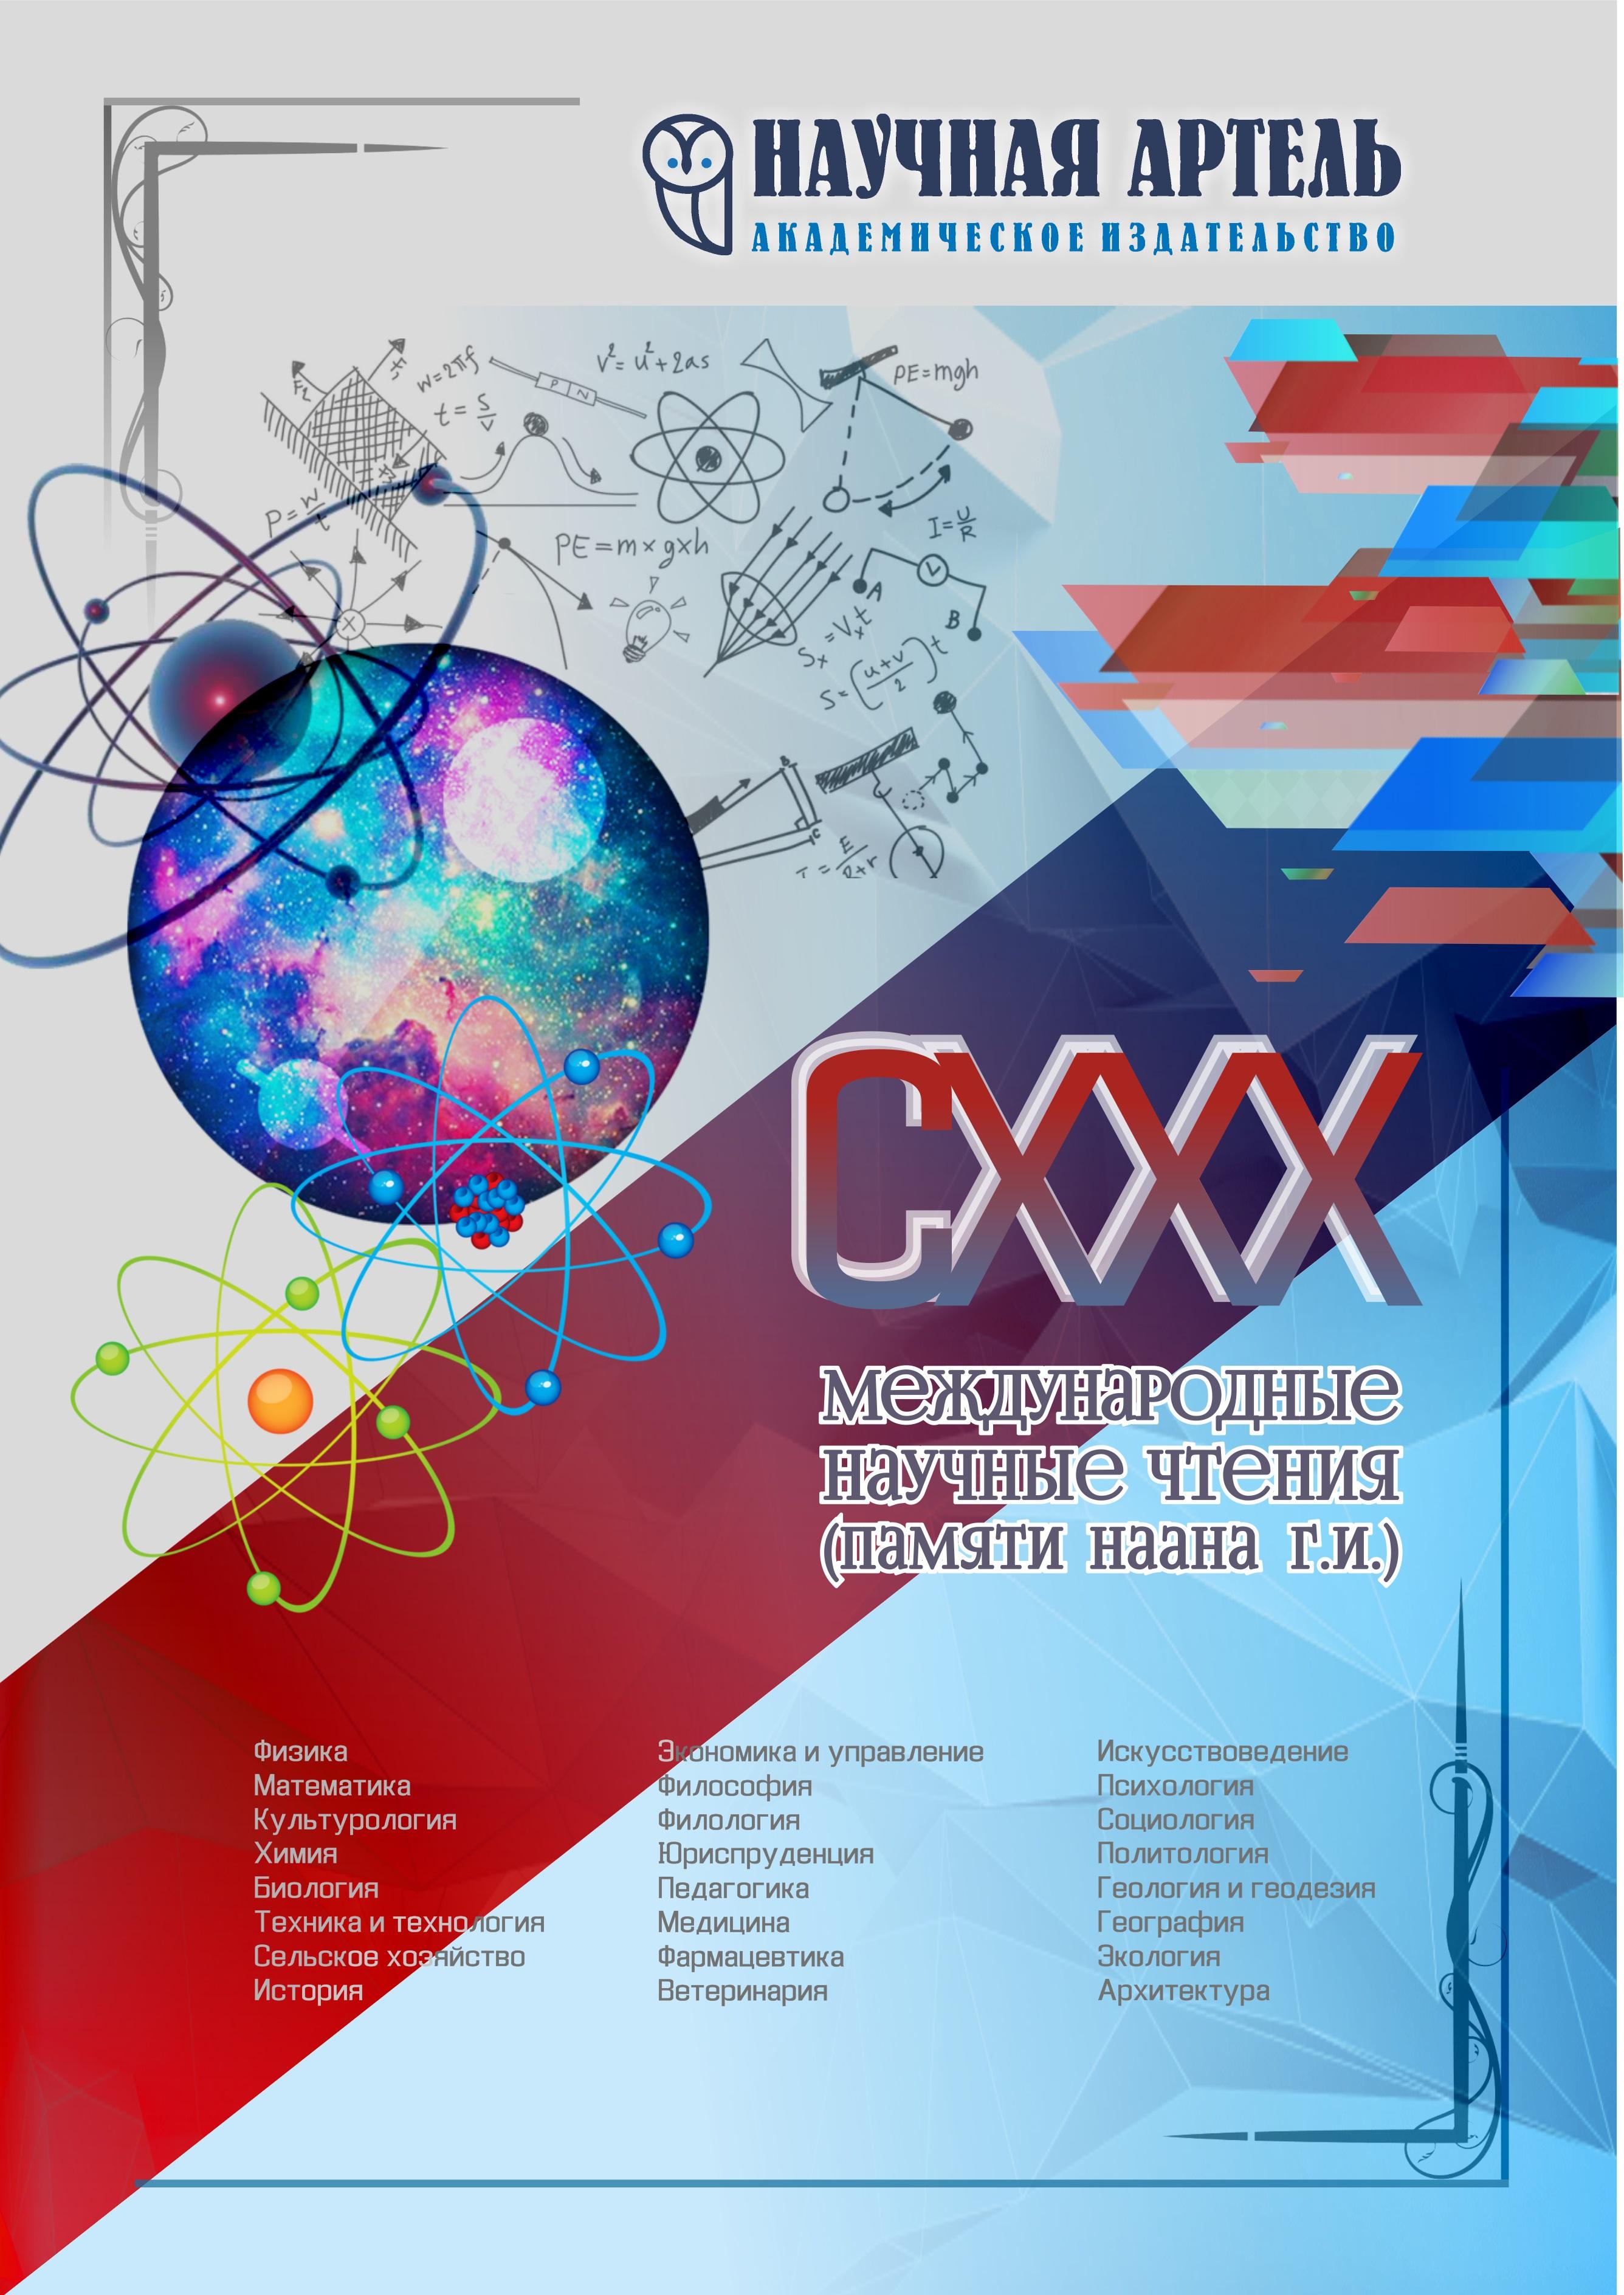 научная конференция, конференция, Научная артель